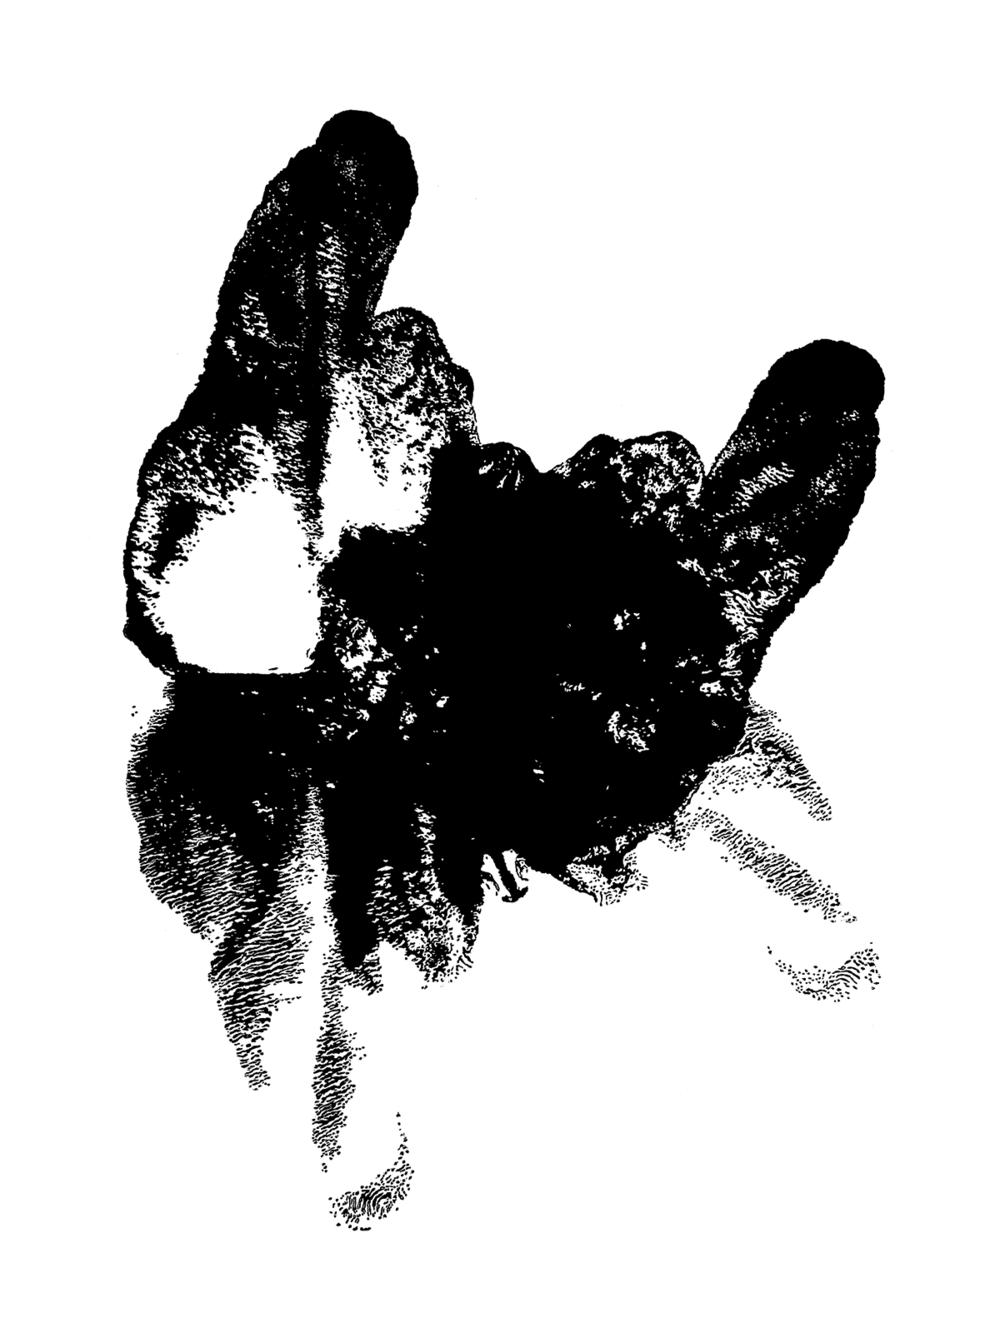 linocut, 60x80cm, 2018